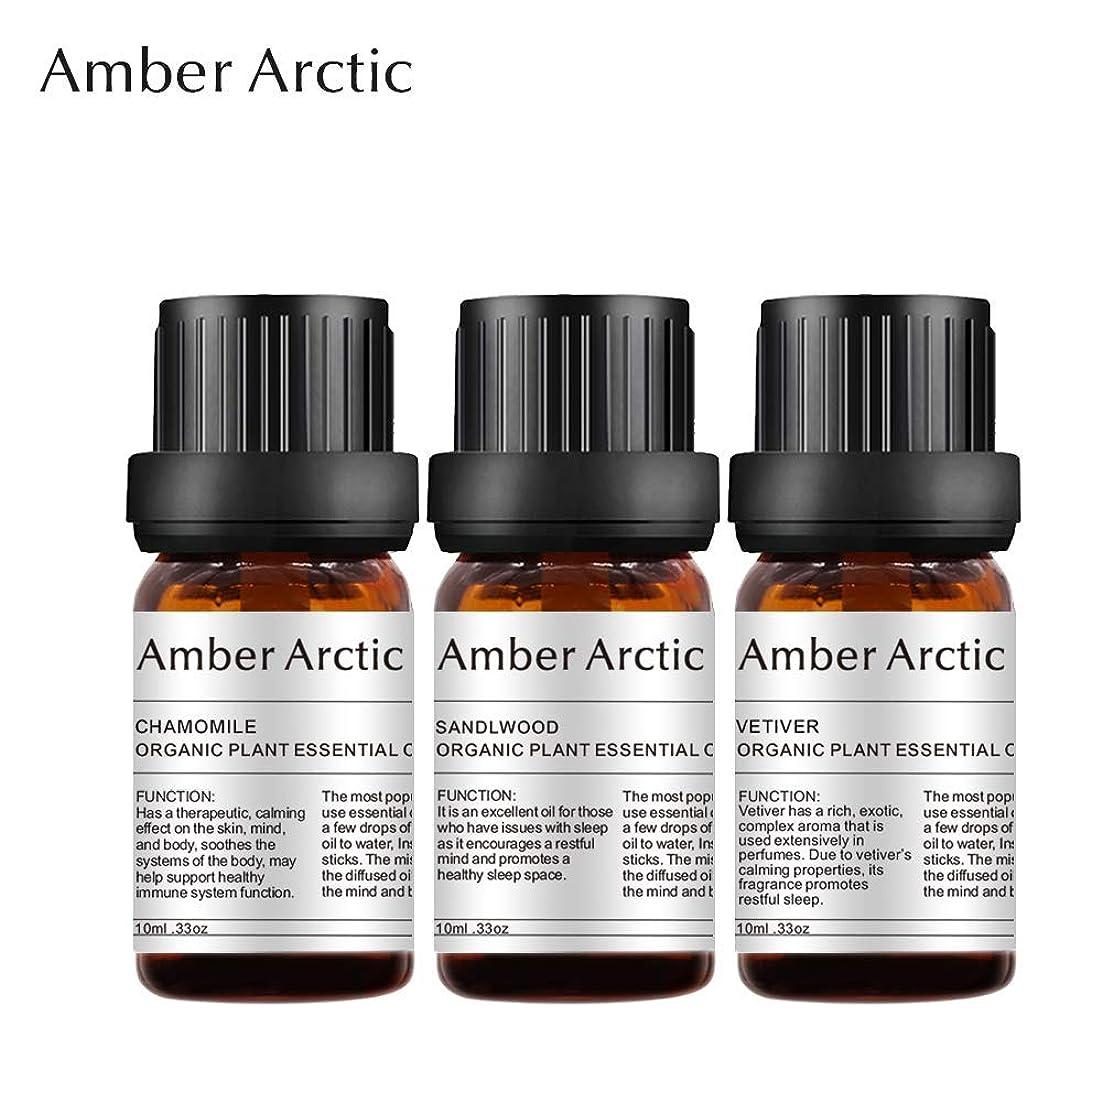 悲しいことにデータベース科学者Amber Arctic ジャスミン サンダル ウッド カモミール 精油 セット、 ディフューザー - 3×10 ミリリットル 用 100% 純粋 天然 アロマ エッセンシャル オイル